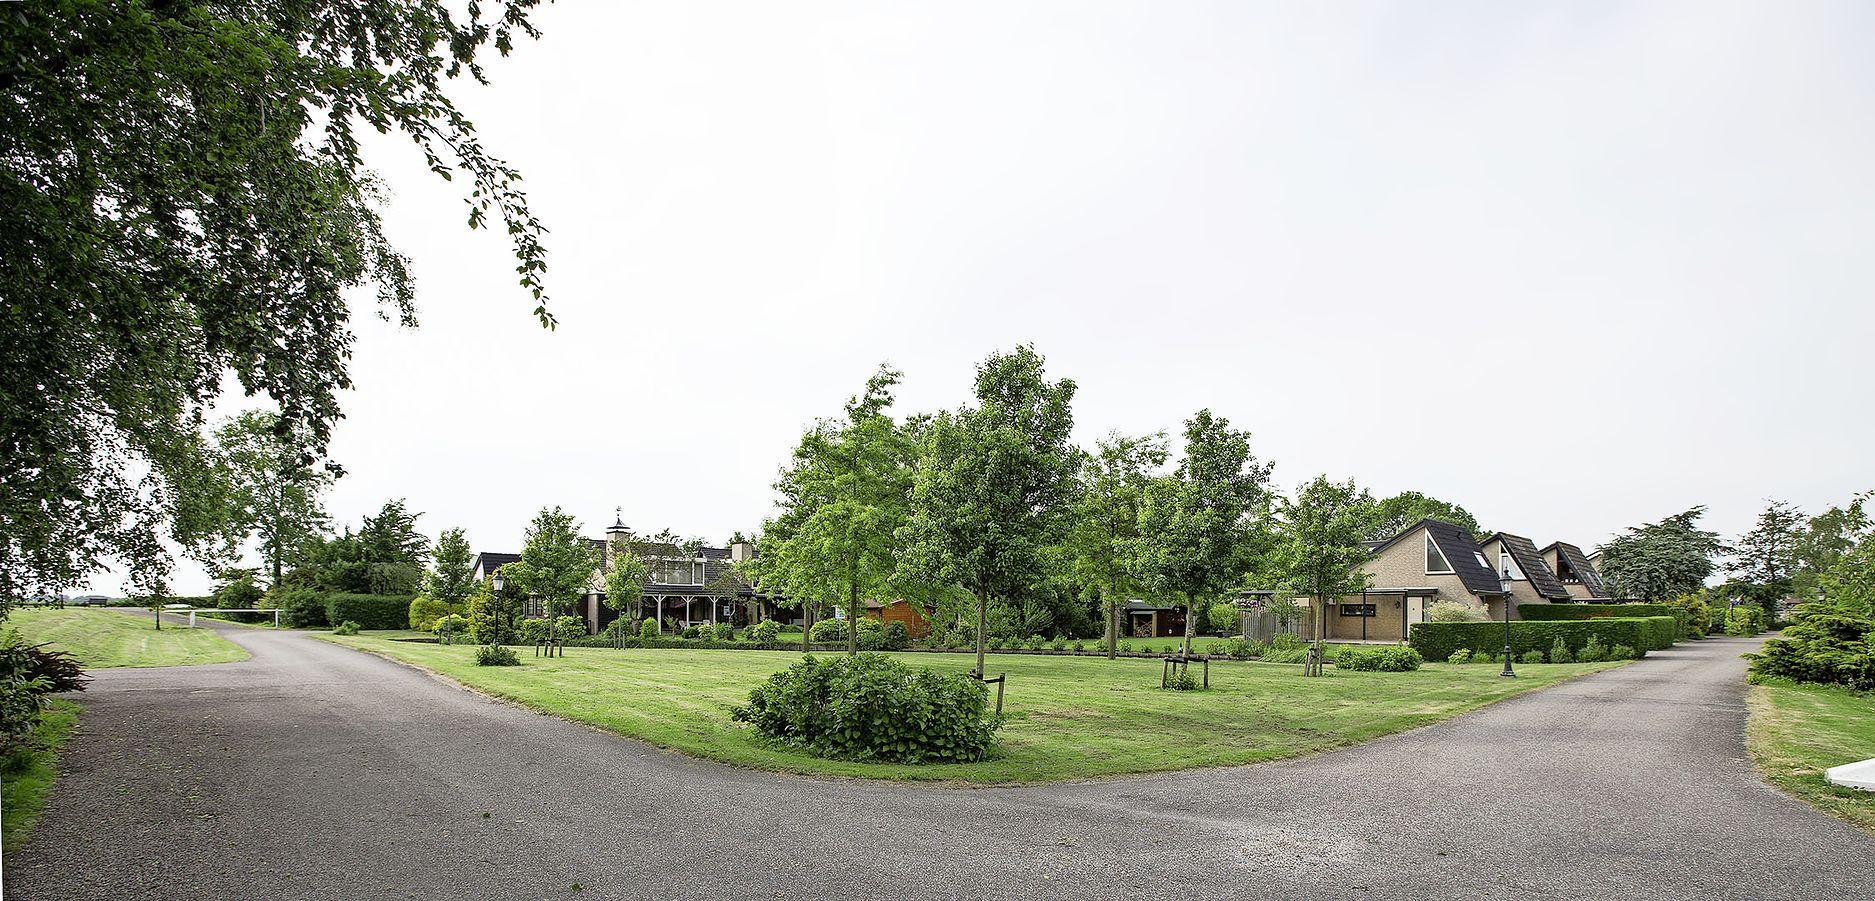 Handhaving Watertuin in Warmond blijft nog open vraag